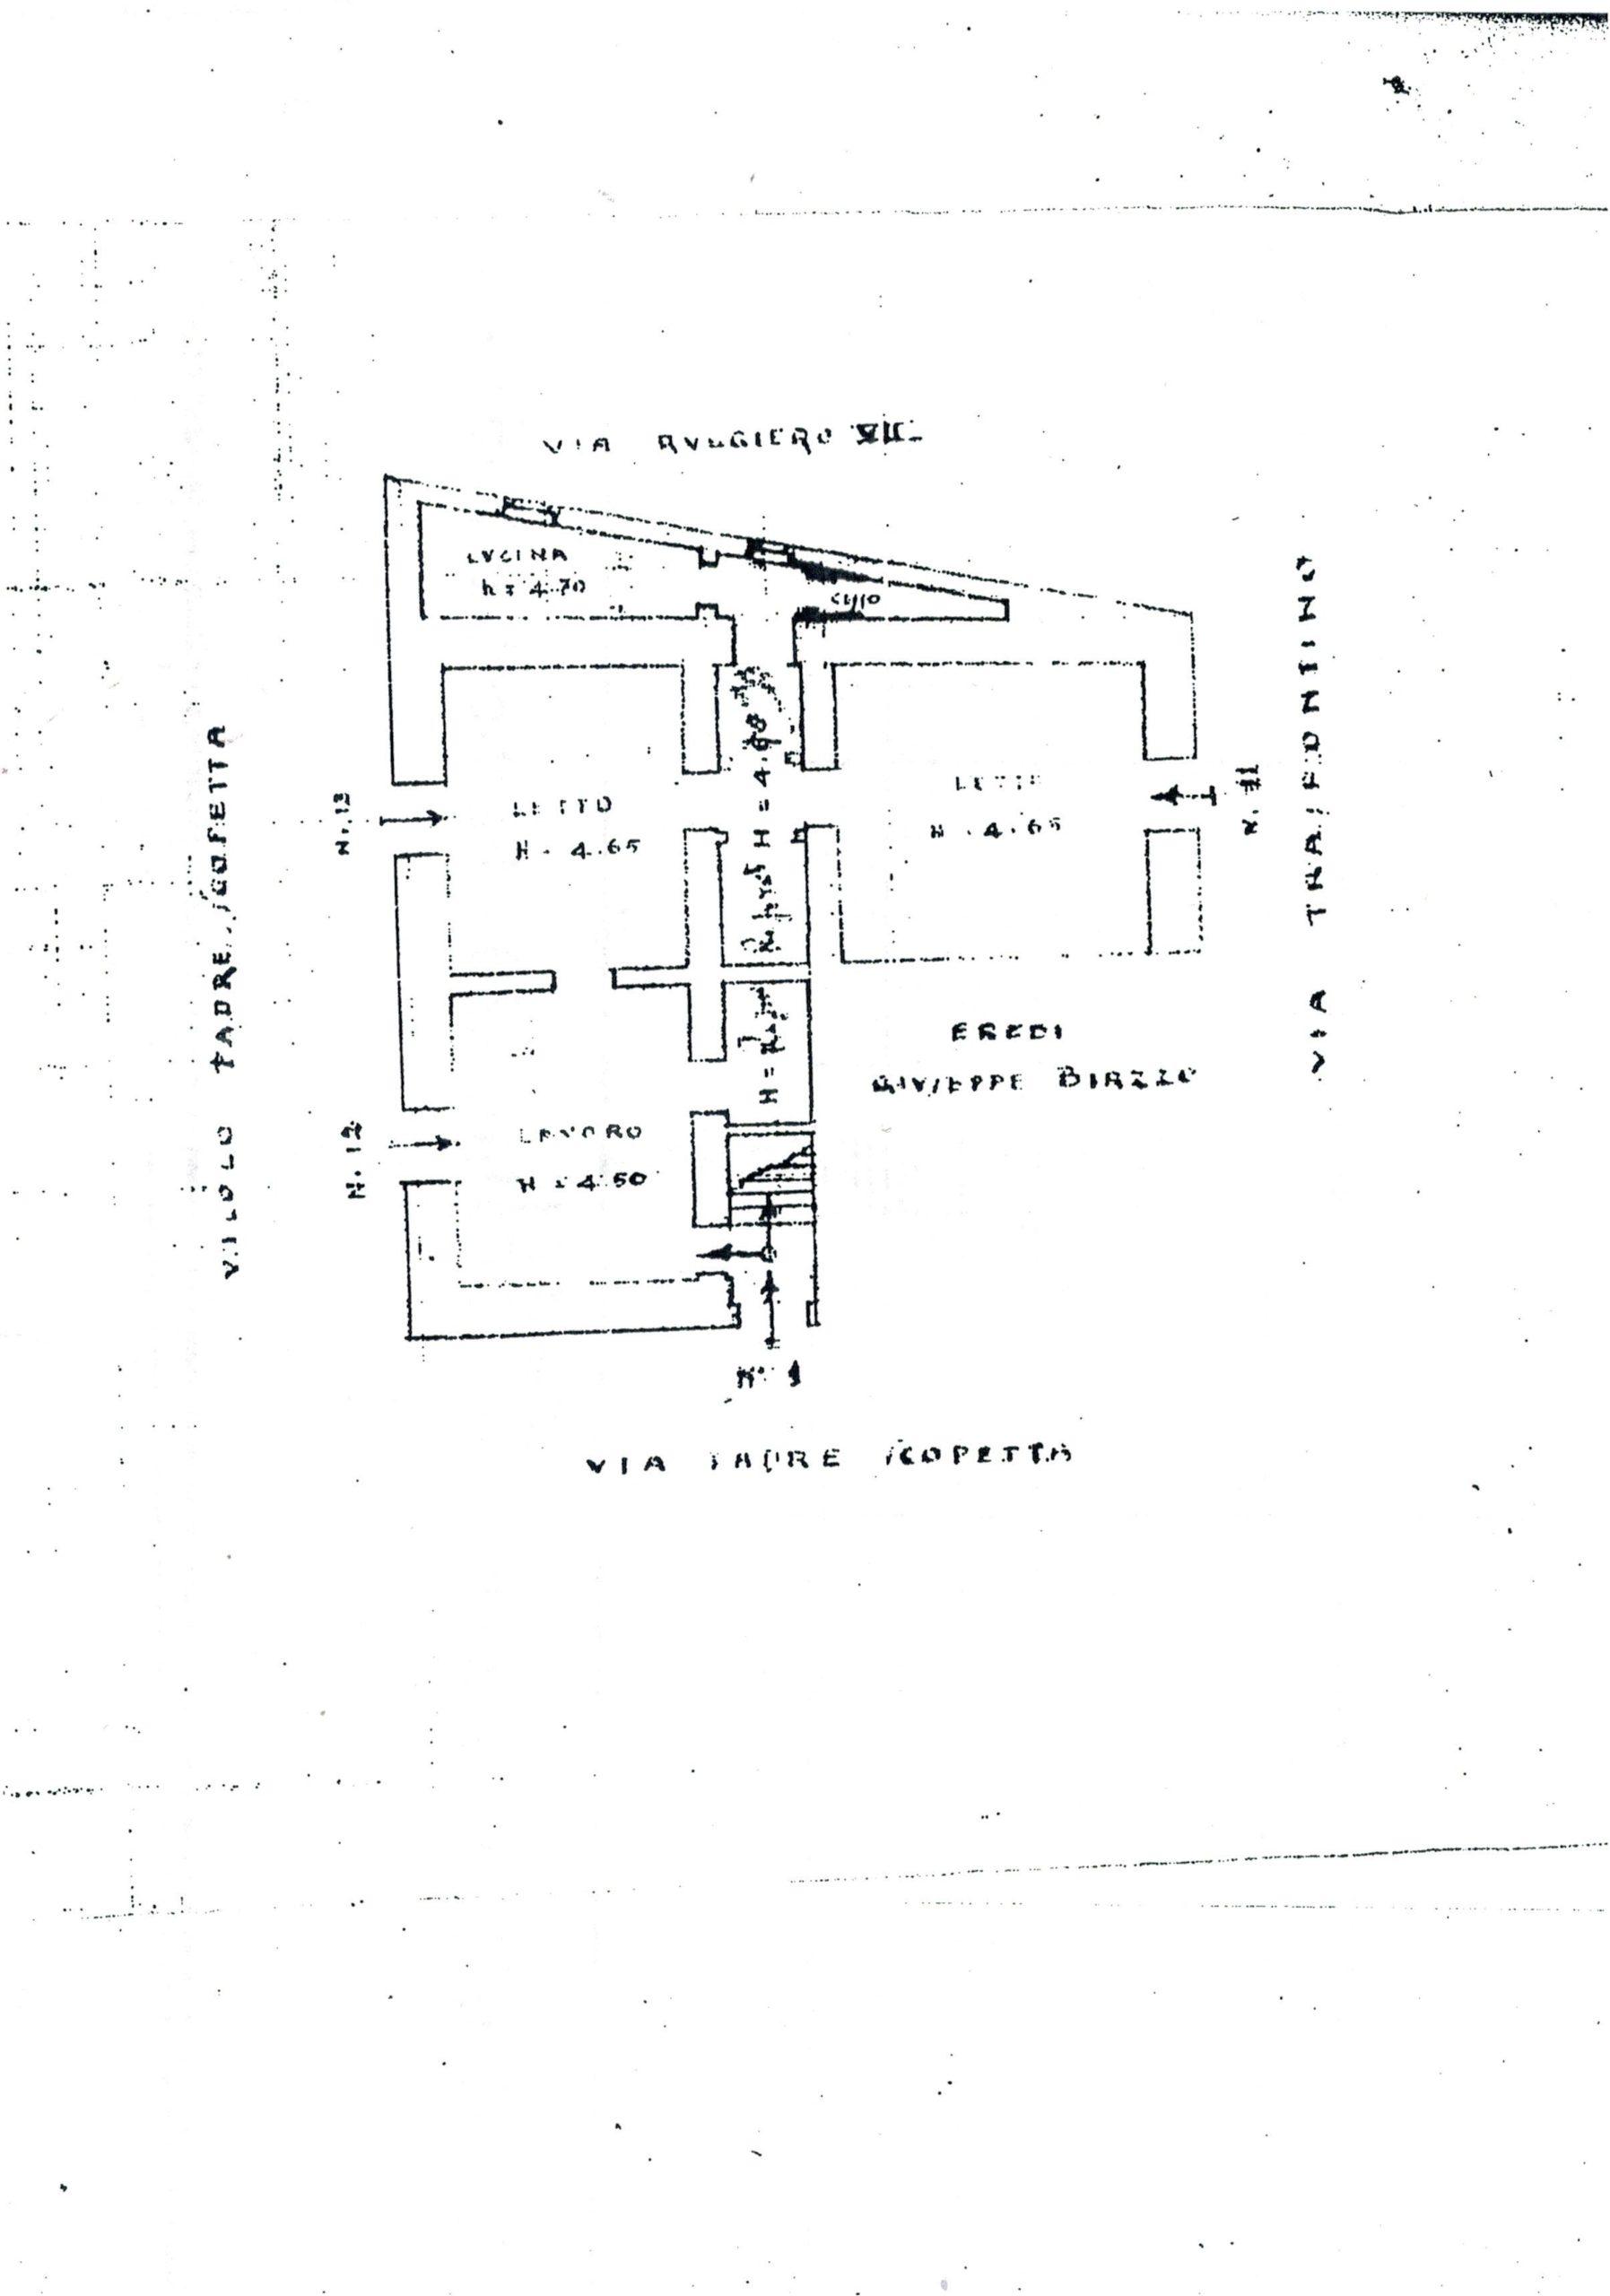 Casa storica zona cappuccini